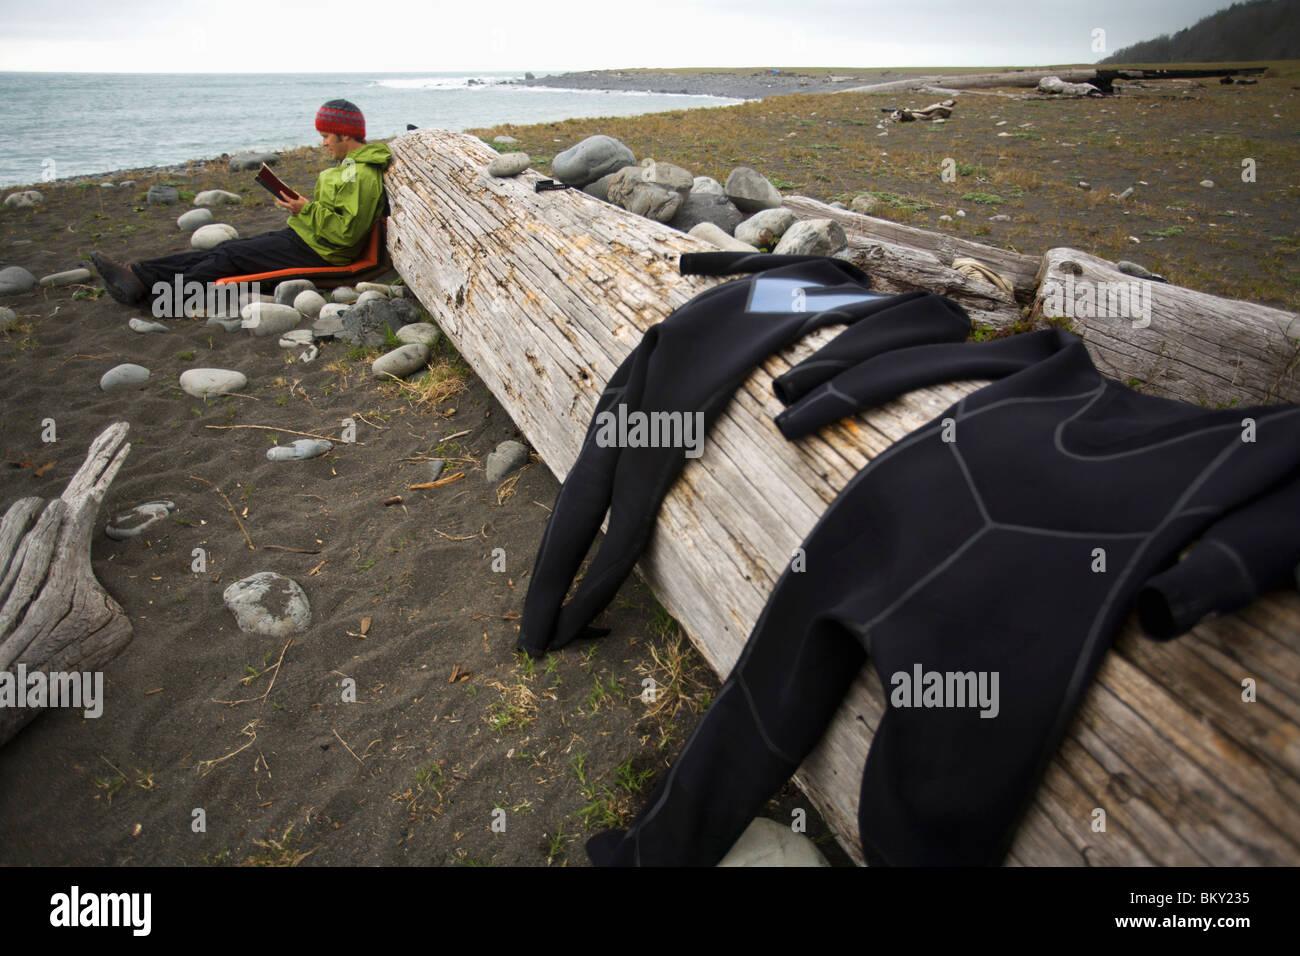 Un uomo legge un libro a camp sulla costa perso, California. Immagini Stock